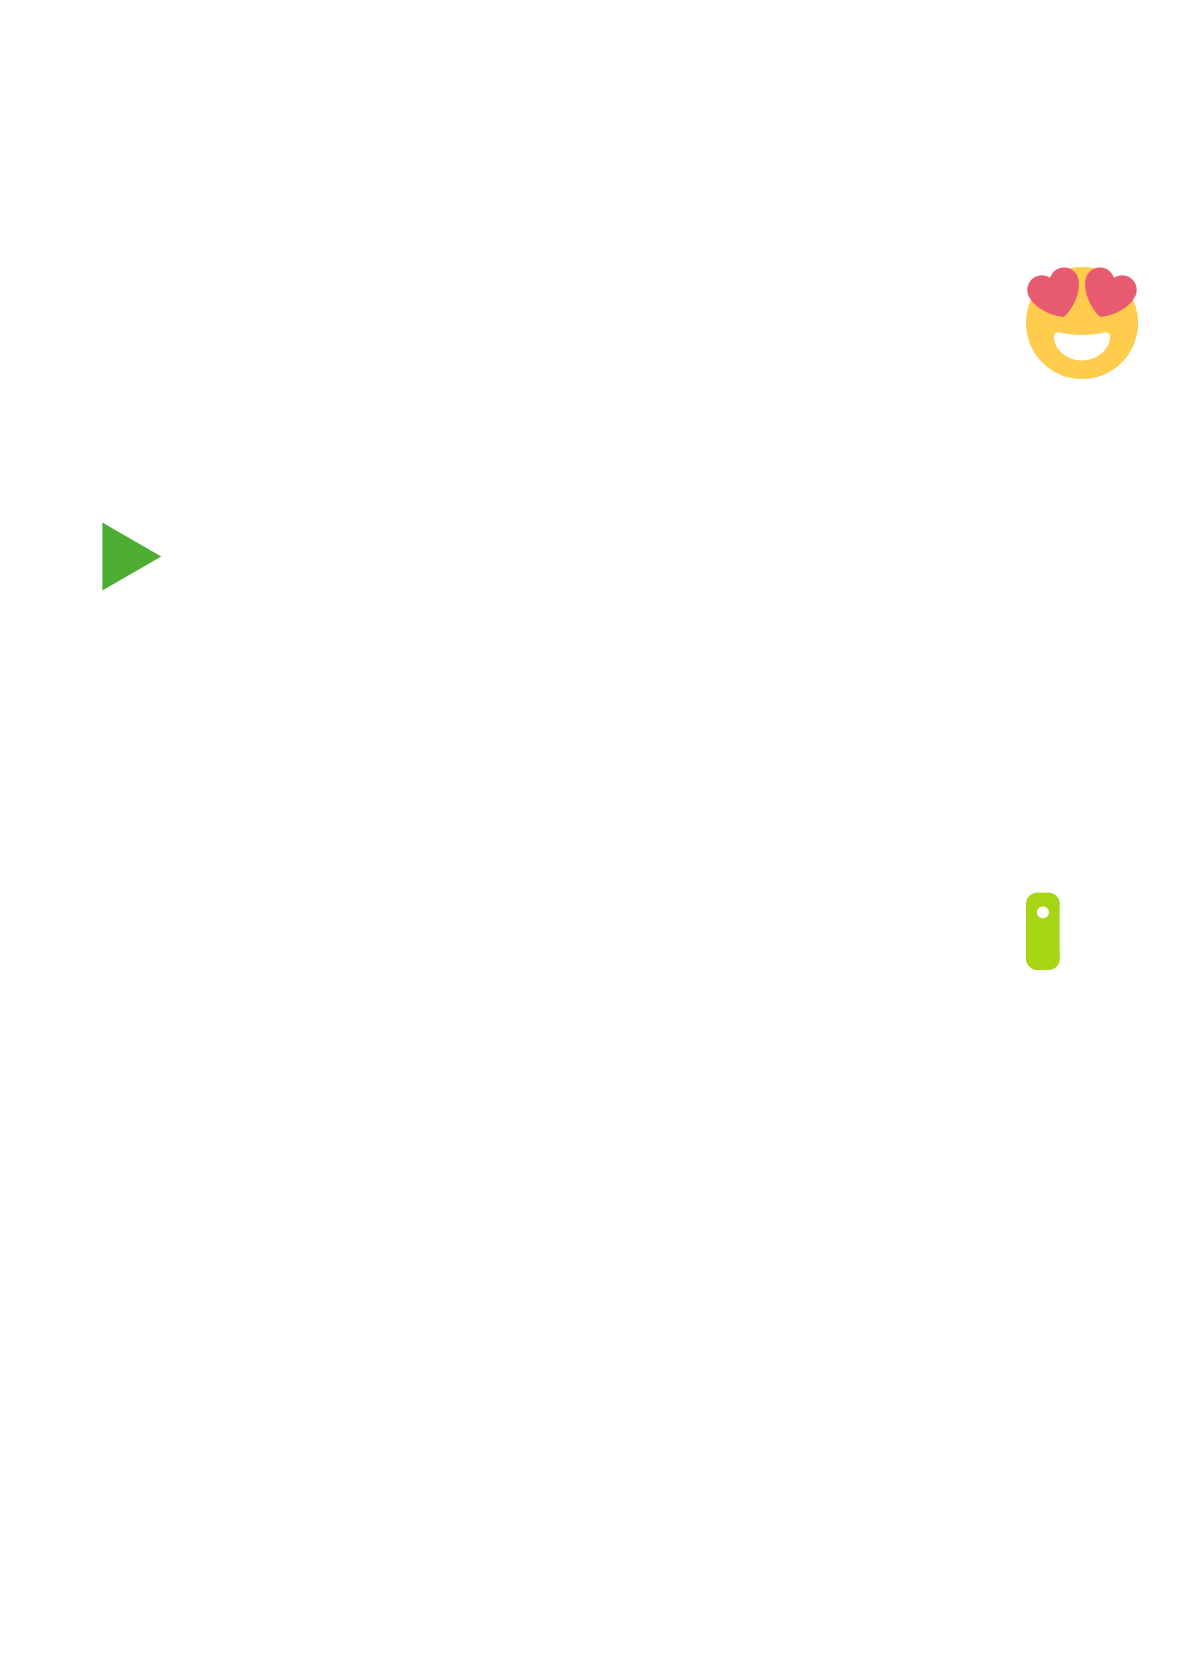 Schéma chiffres CBA